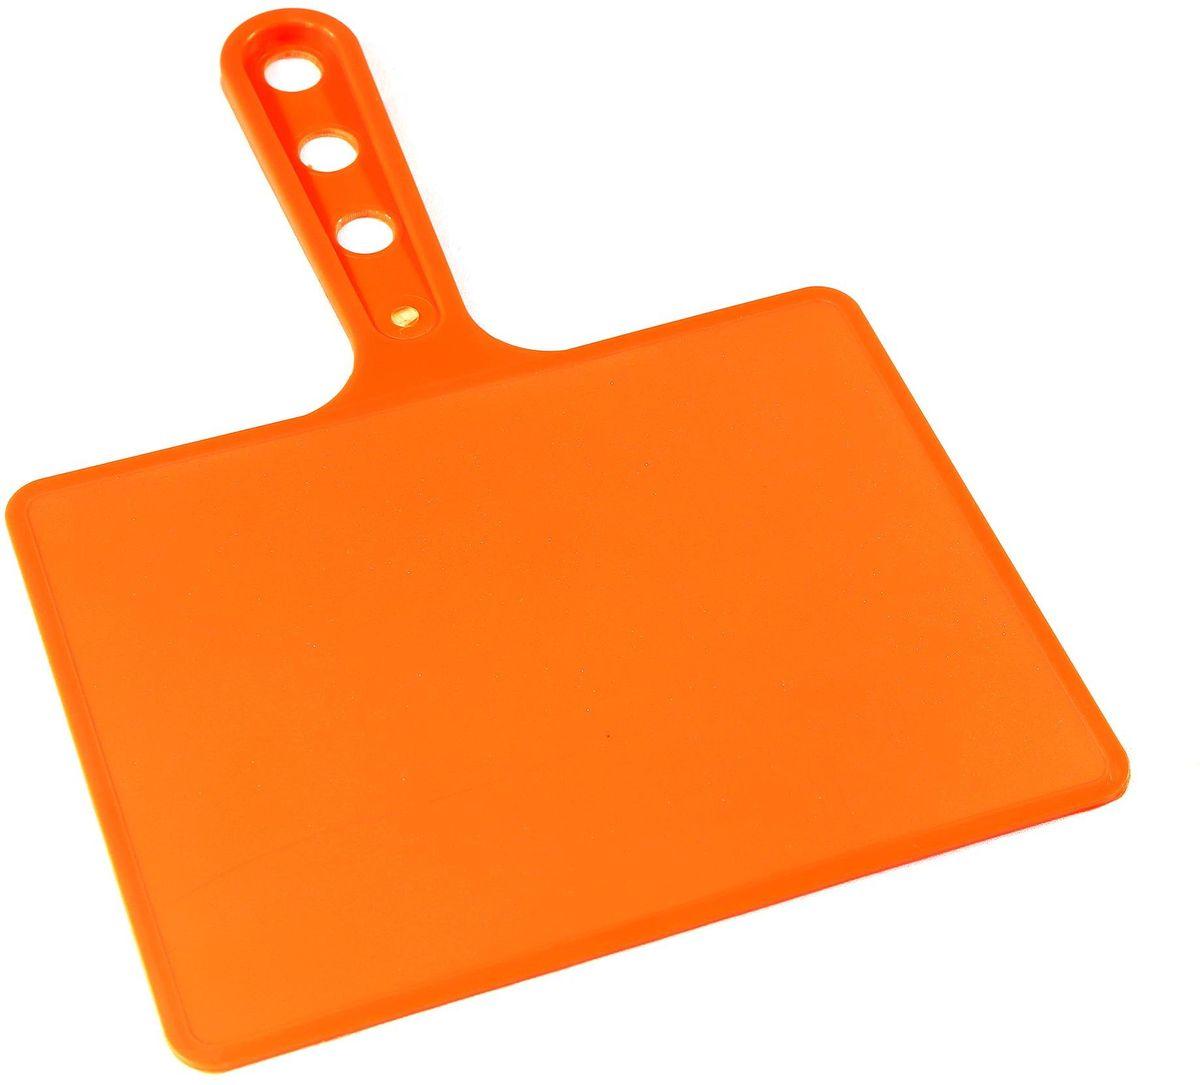 Веер для мангала BG, цвет: оранжевый. 150181SF 0085Веер для мангала BG предназначен для раздува углей в мангале. Изготовлен из высококачественного пластика (ПЭНД), одна сторона - глянец, вторая - шагрень. Ручка имеет 3 отверстия. Можно использовать как разделочную доску для мяса, нарезки овощей или хлеба.Рабочая поверхность выполнена в виде прямоугольника, размер: 197 х 148 мм.